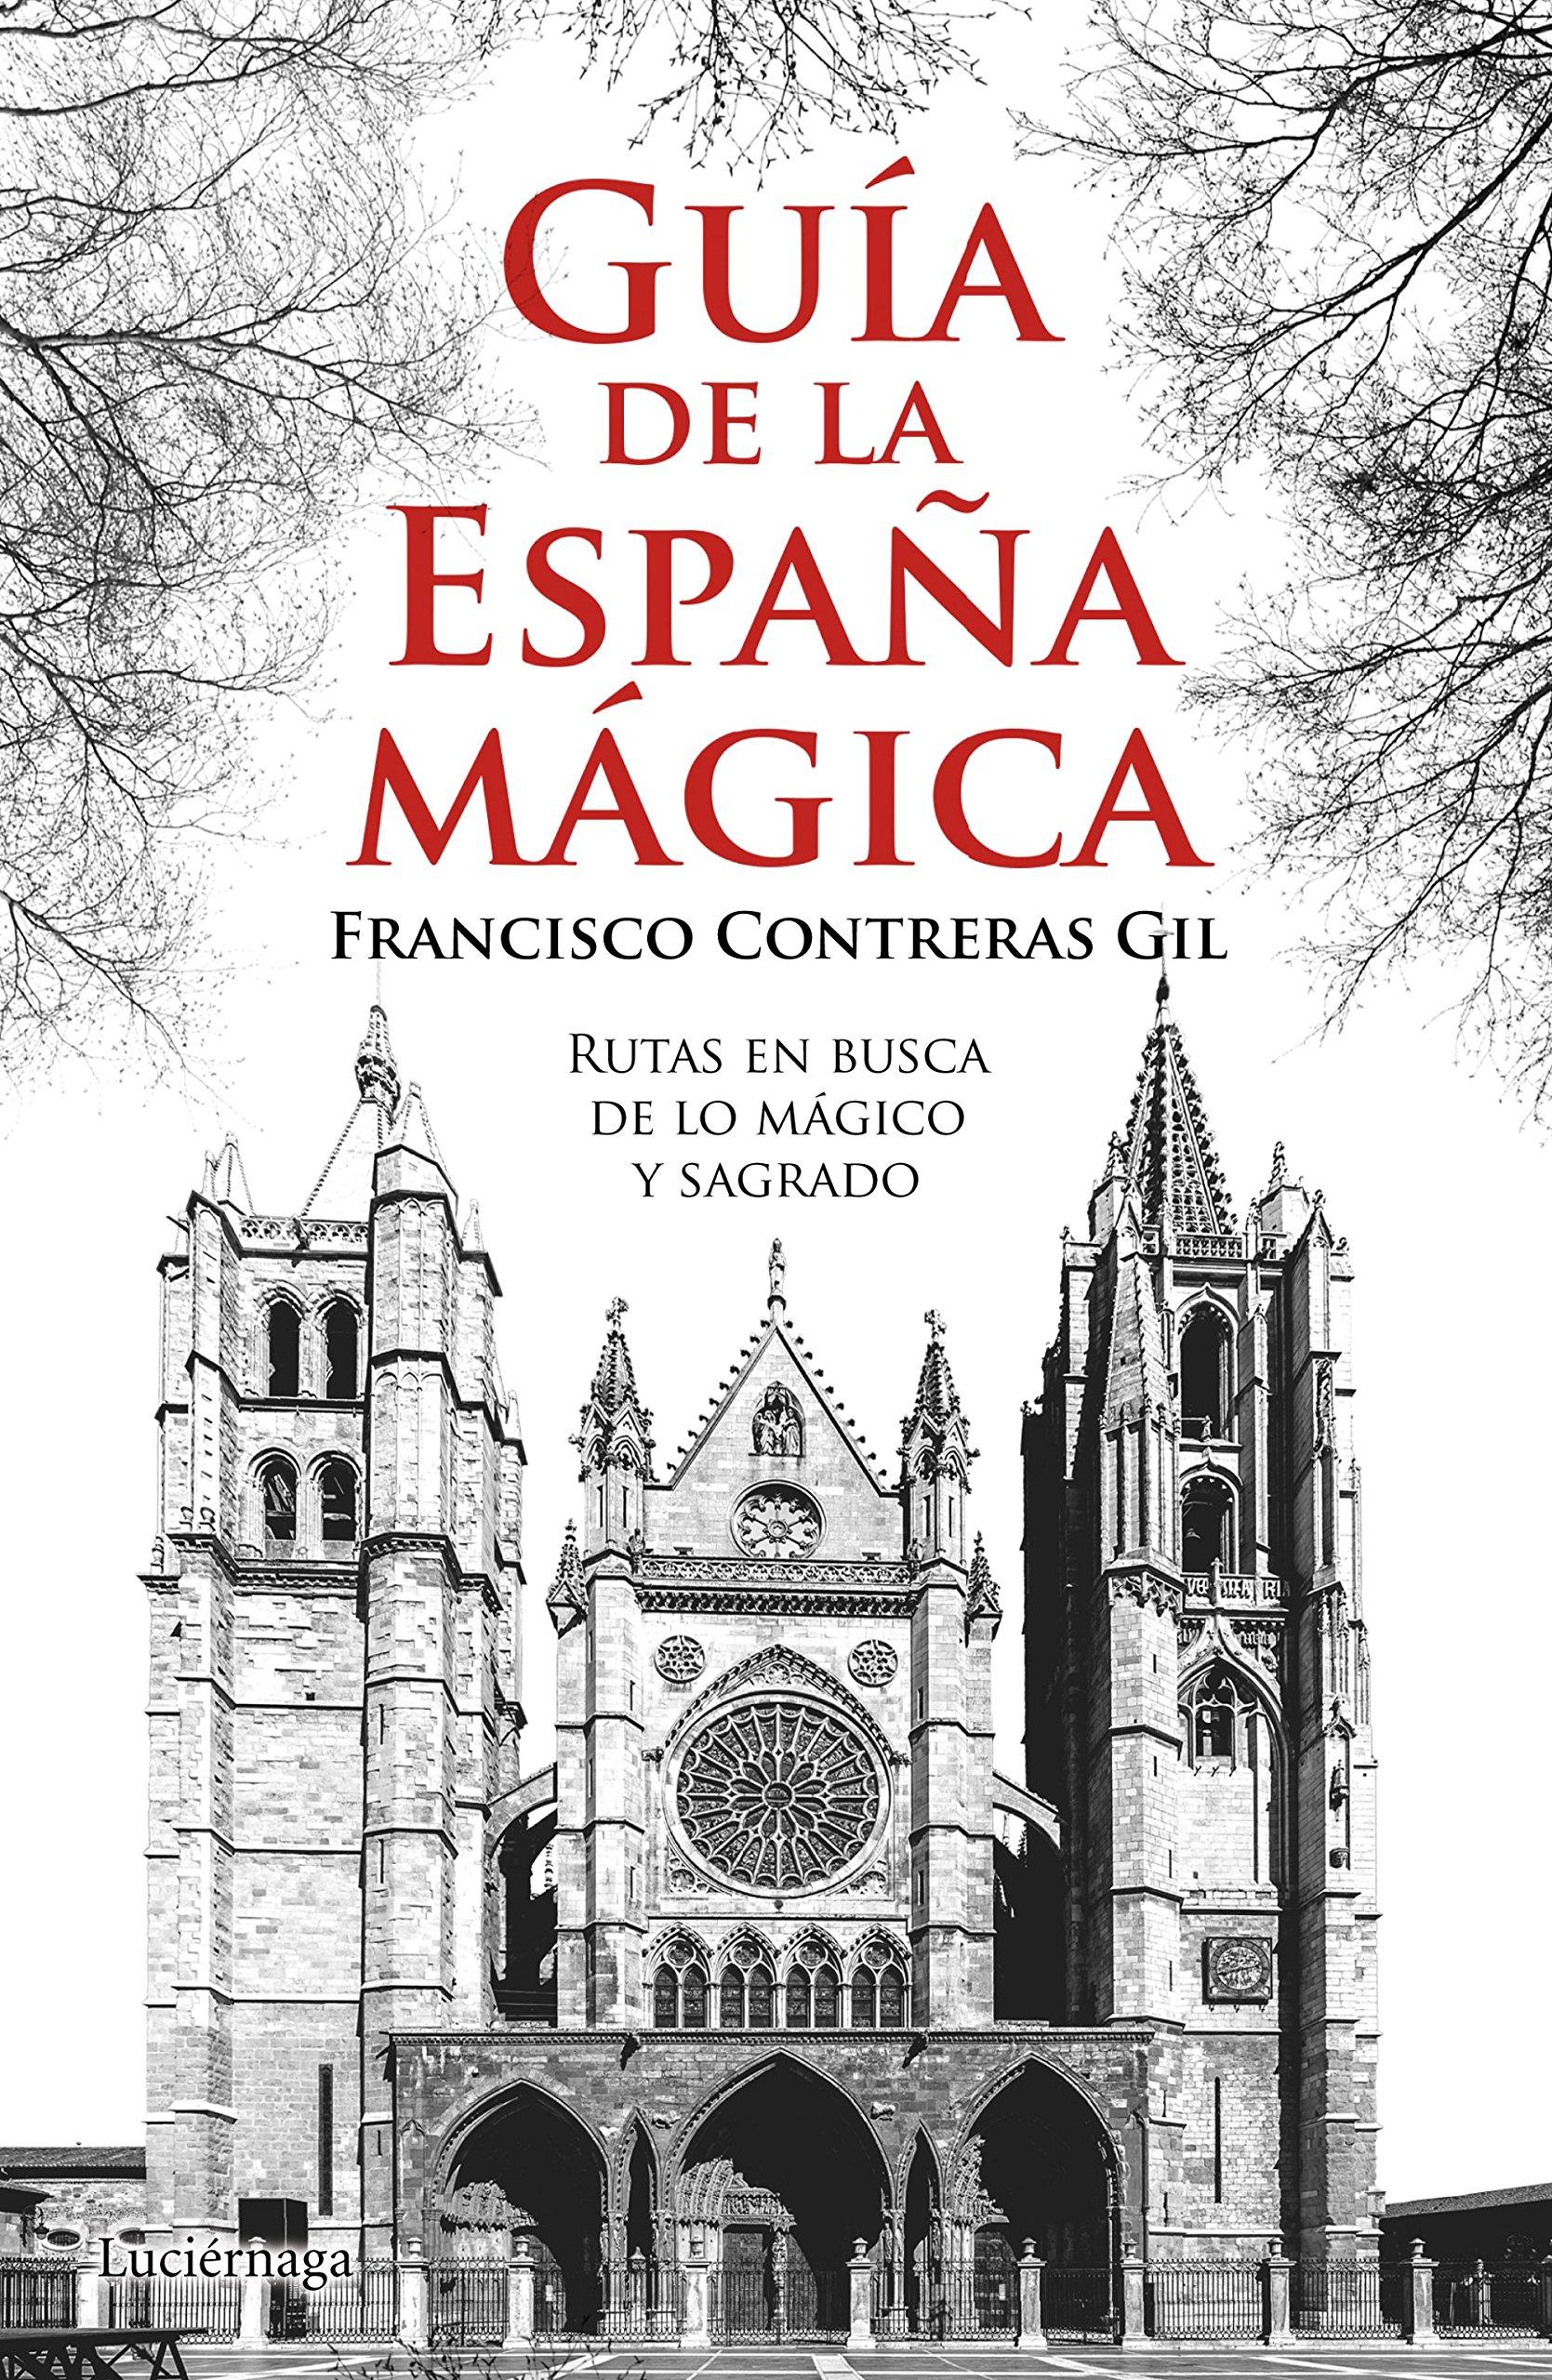 Guía de la España mágica (Guías mágicas): Amazon.es: Contreras Gil, Francisco: Libros